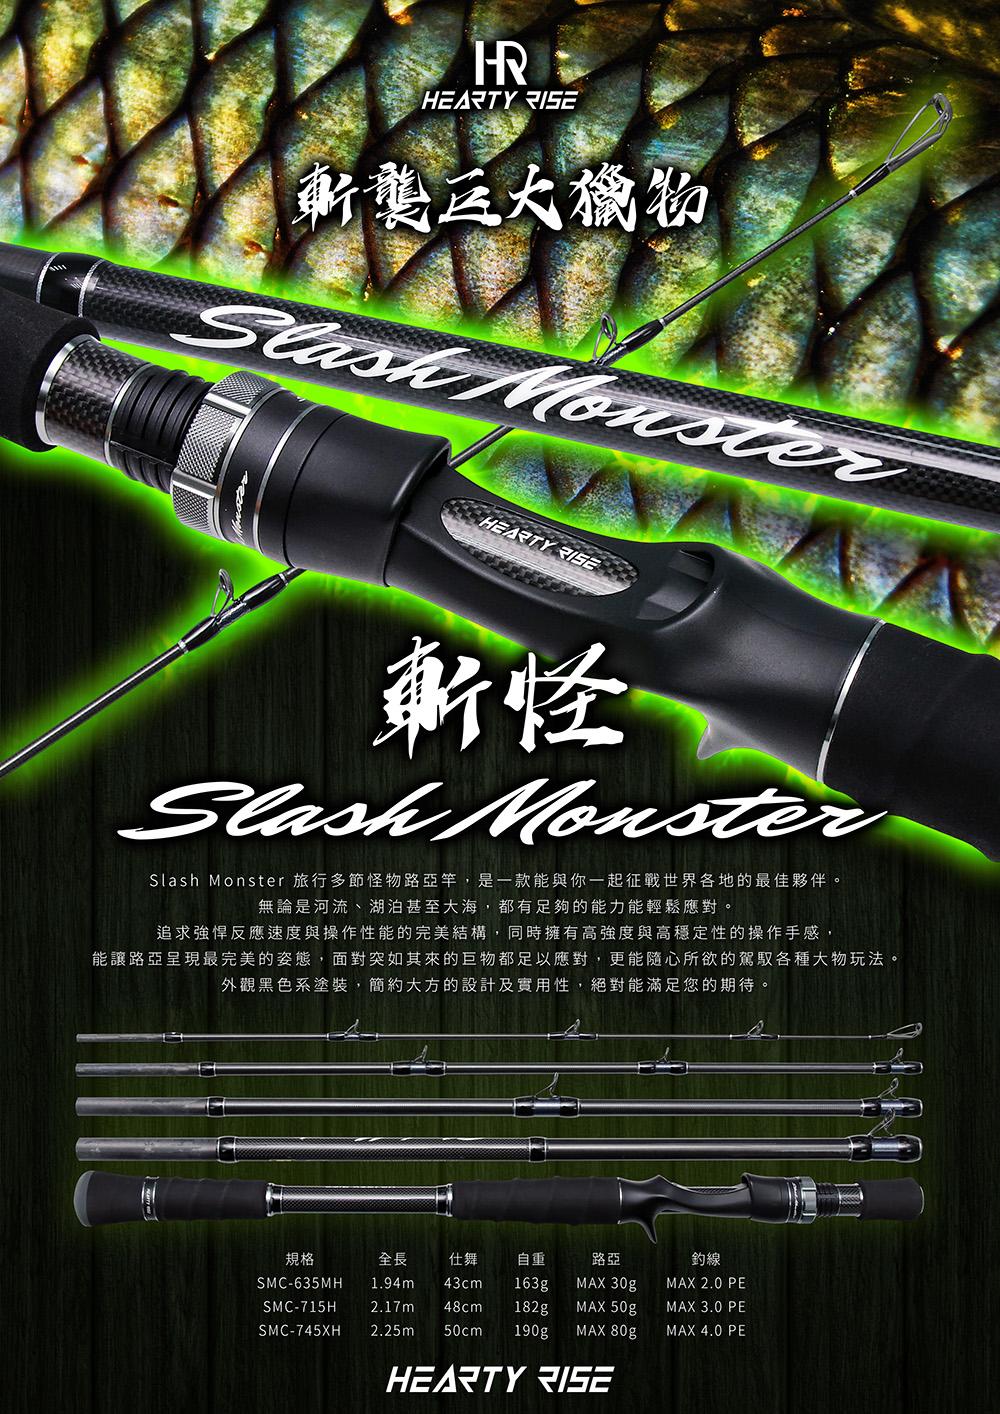 HR Slash Monster 斬怪 1000